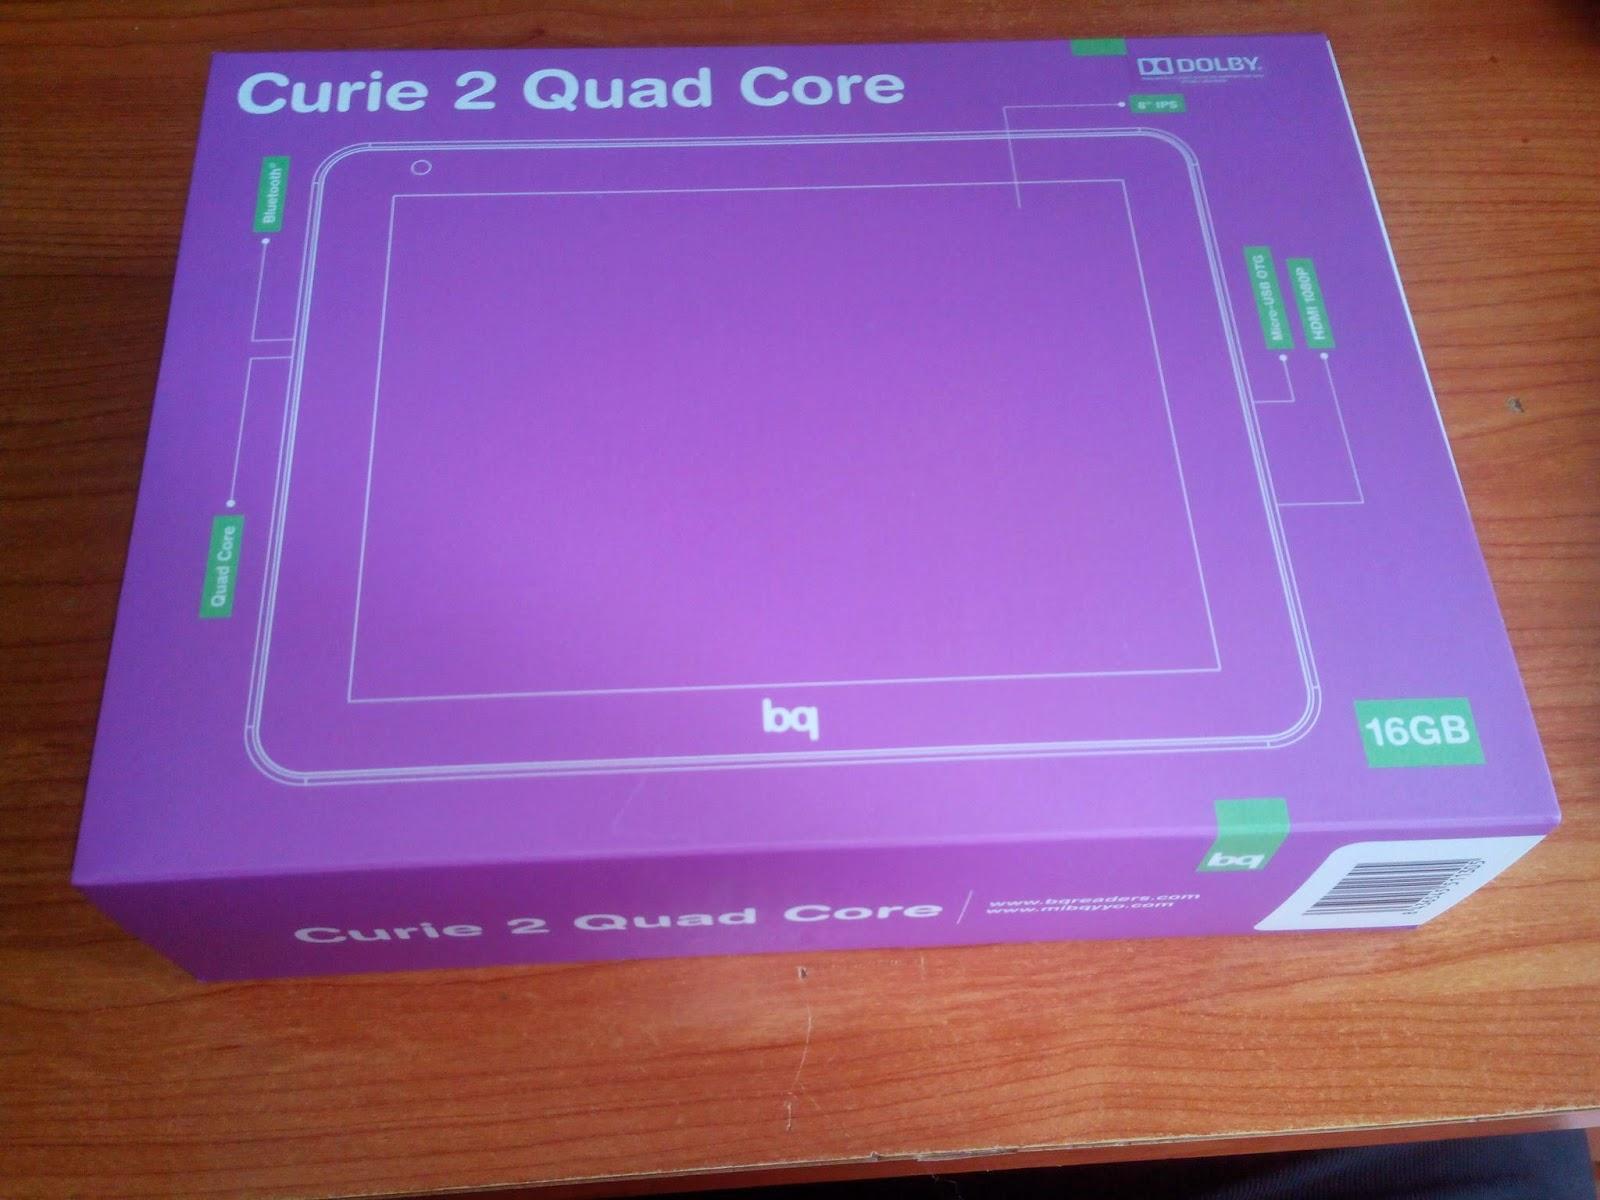 Tablet BQ Curie 2 quadcore caja